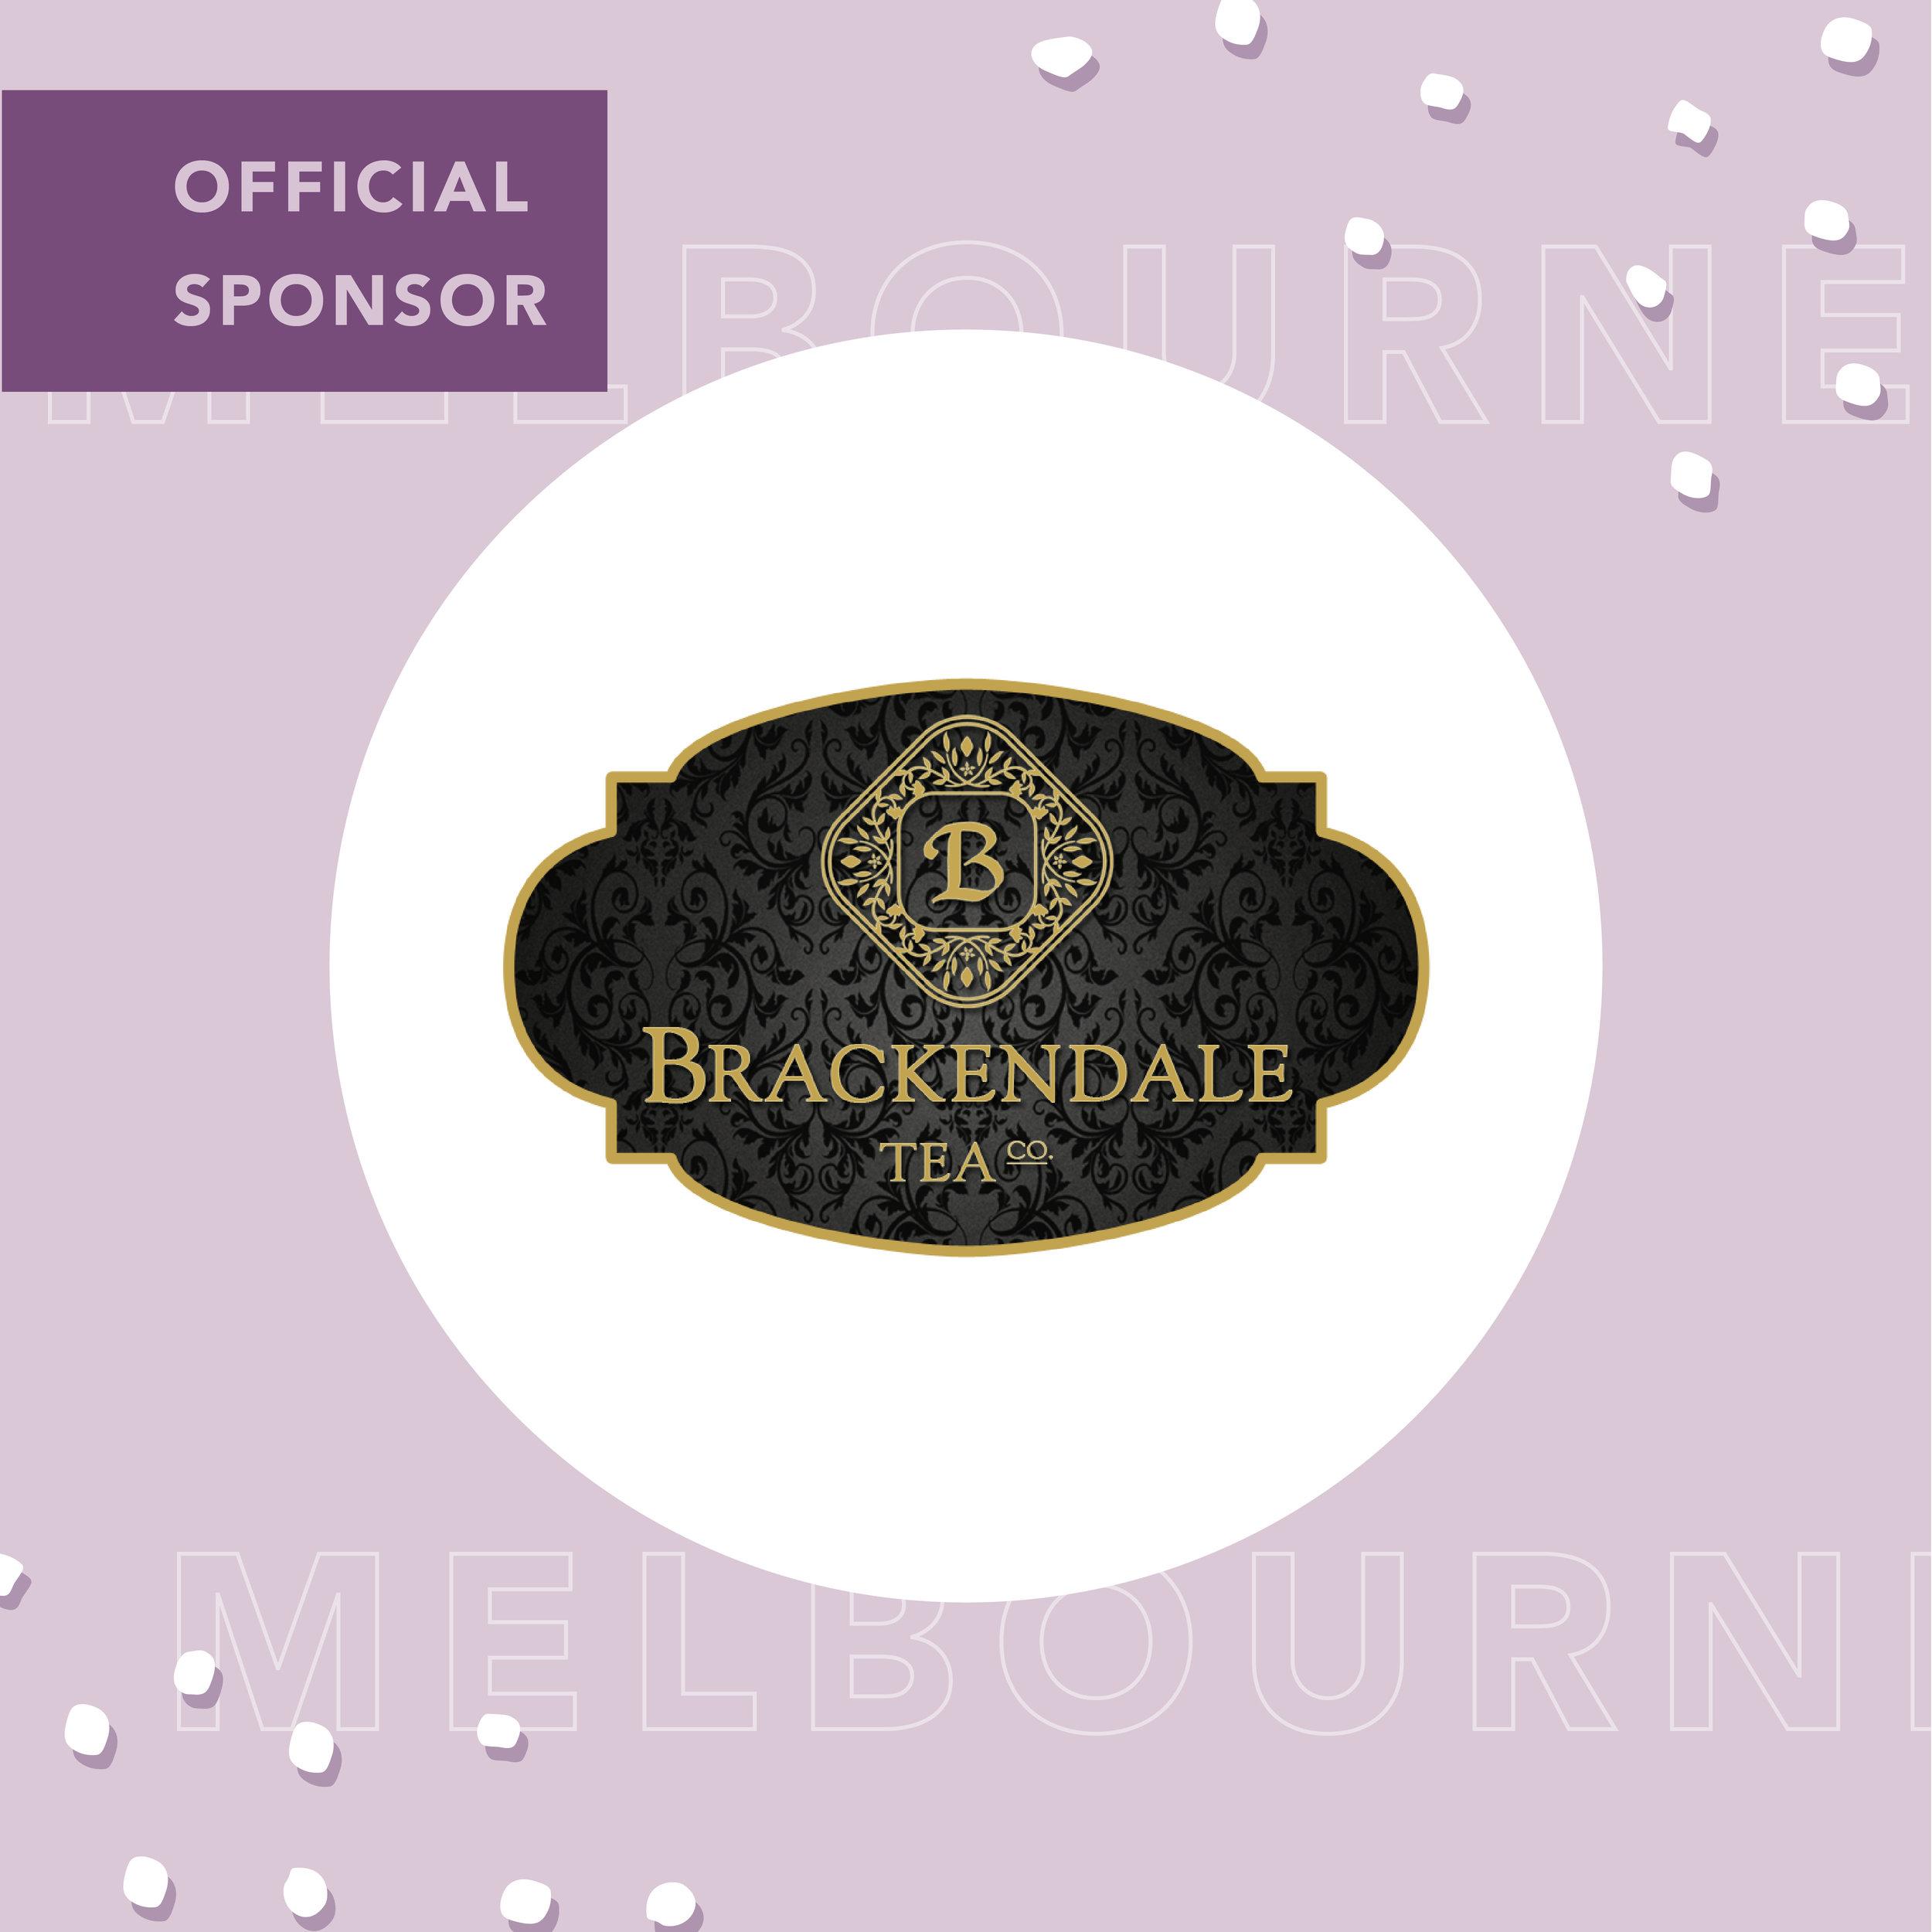 Sponsor Logos For Melbourne 20188.jpg